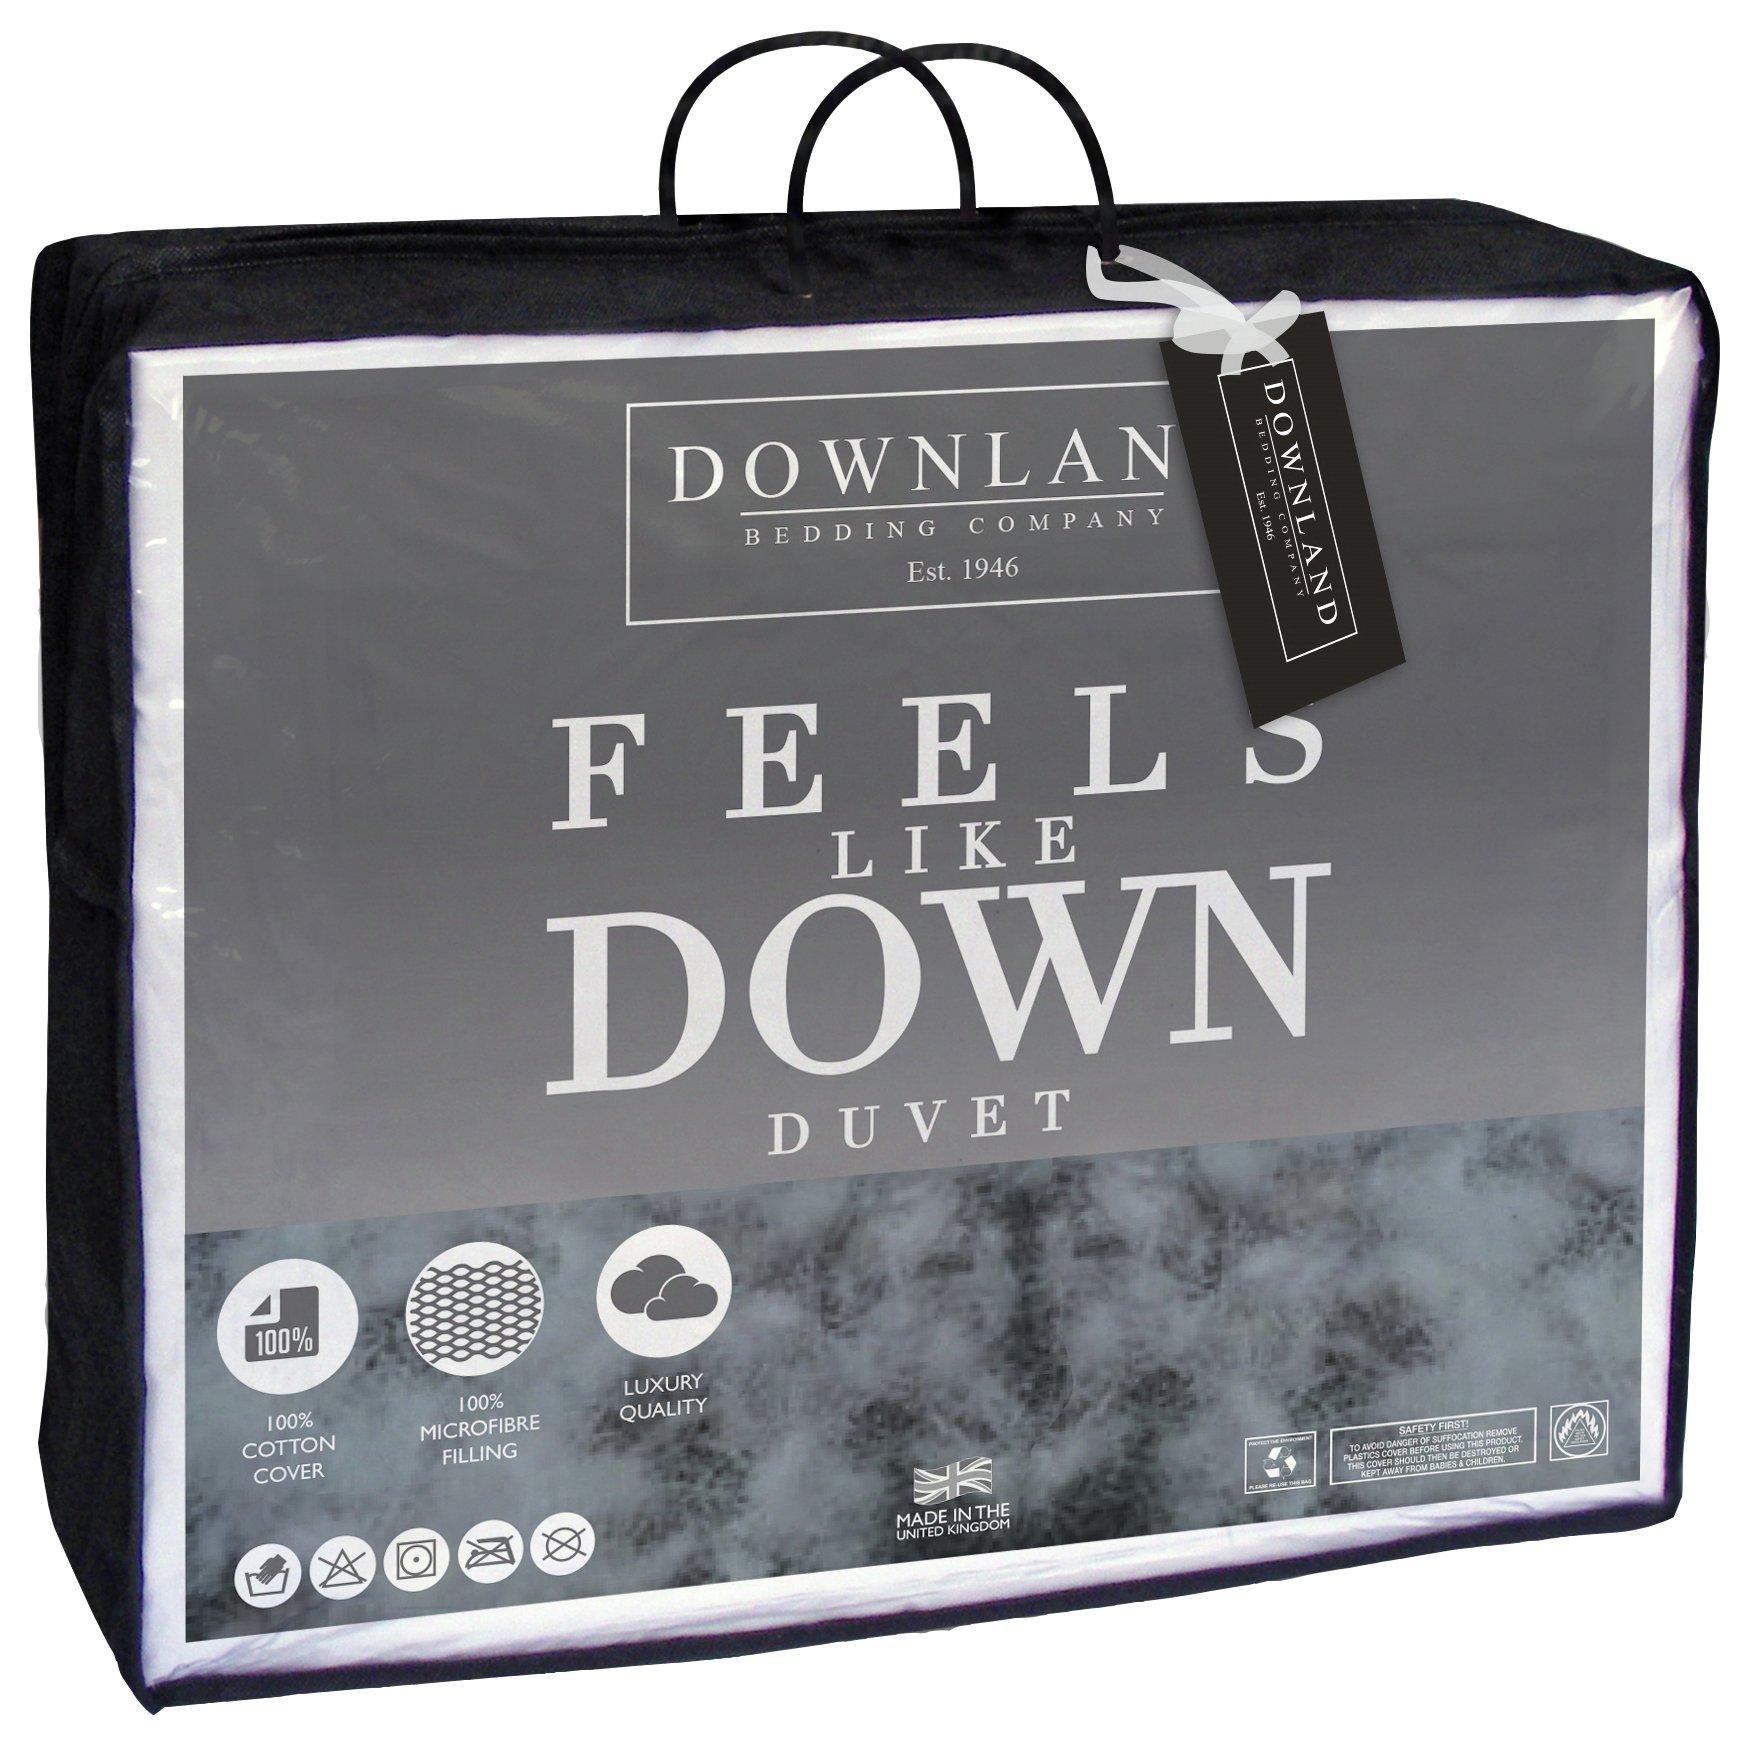 Downland Feels Like Down Anti-Allergy 10.5 Tog Duvet - Sgl